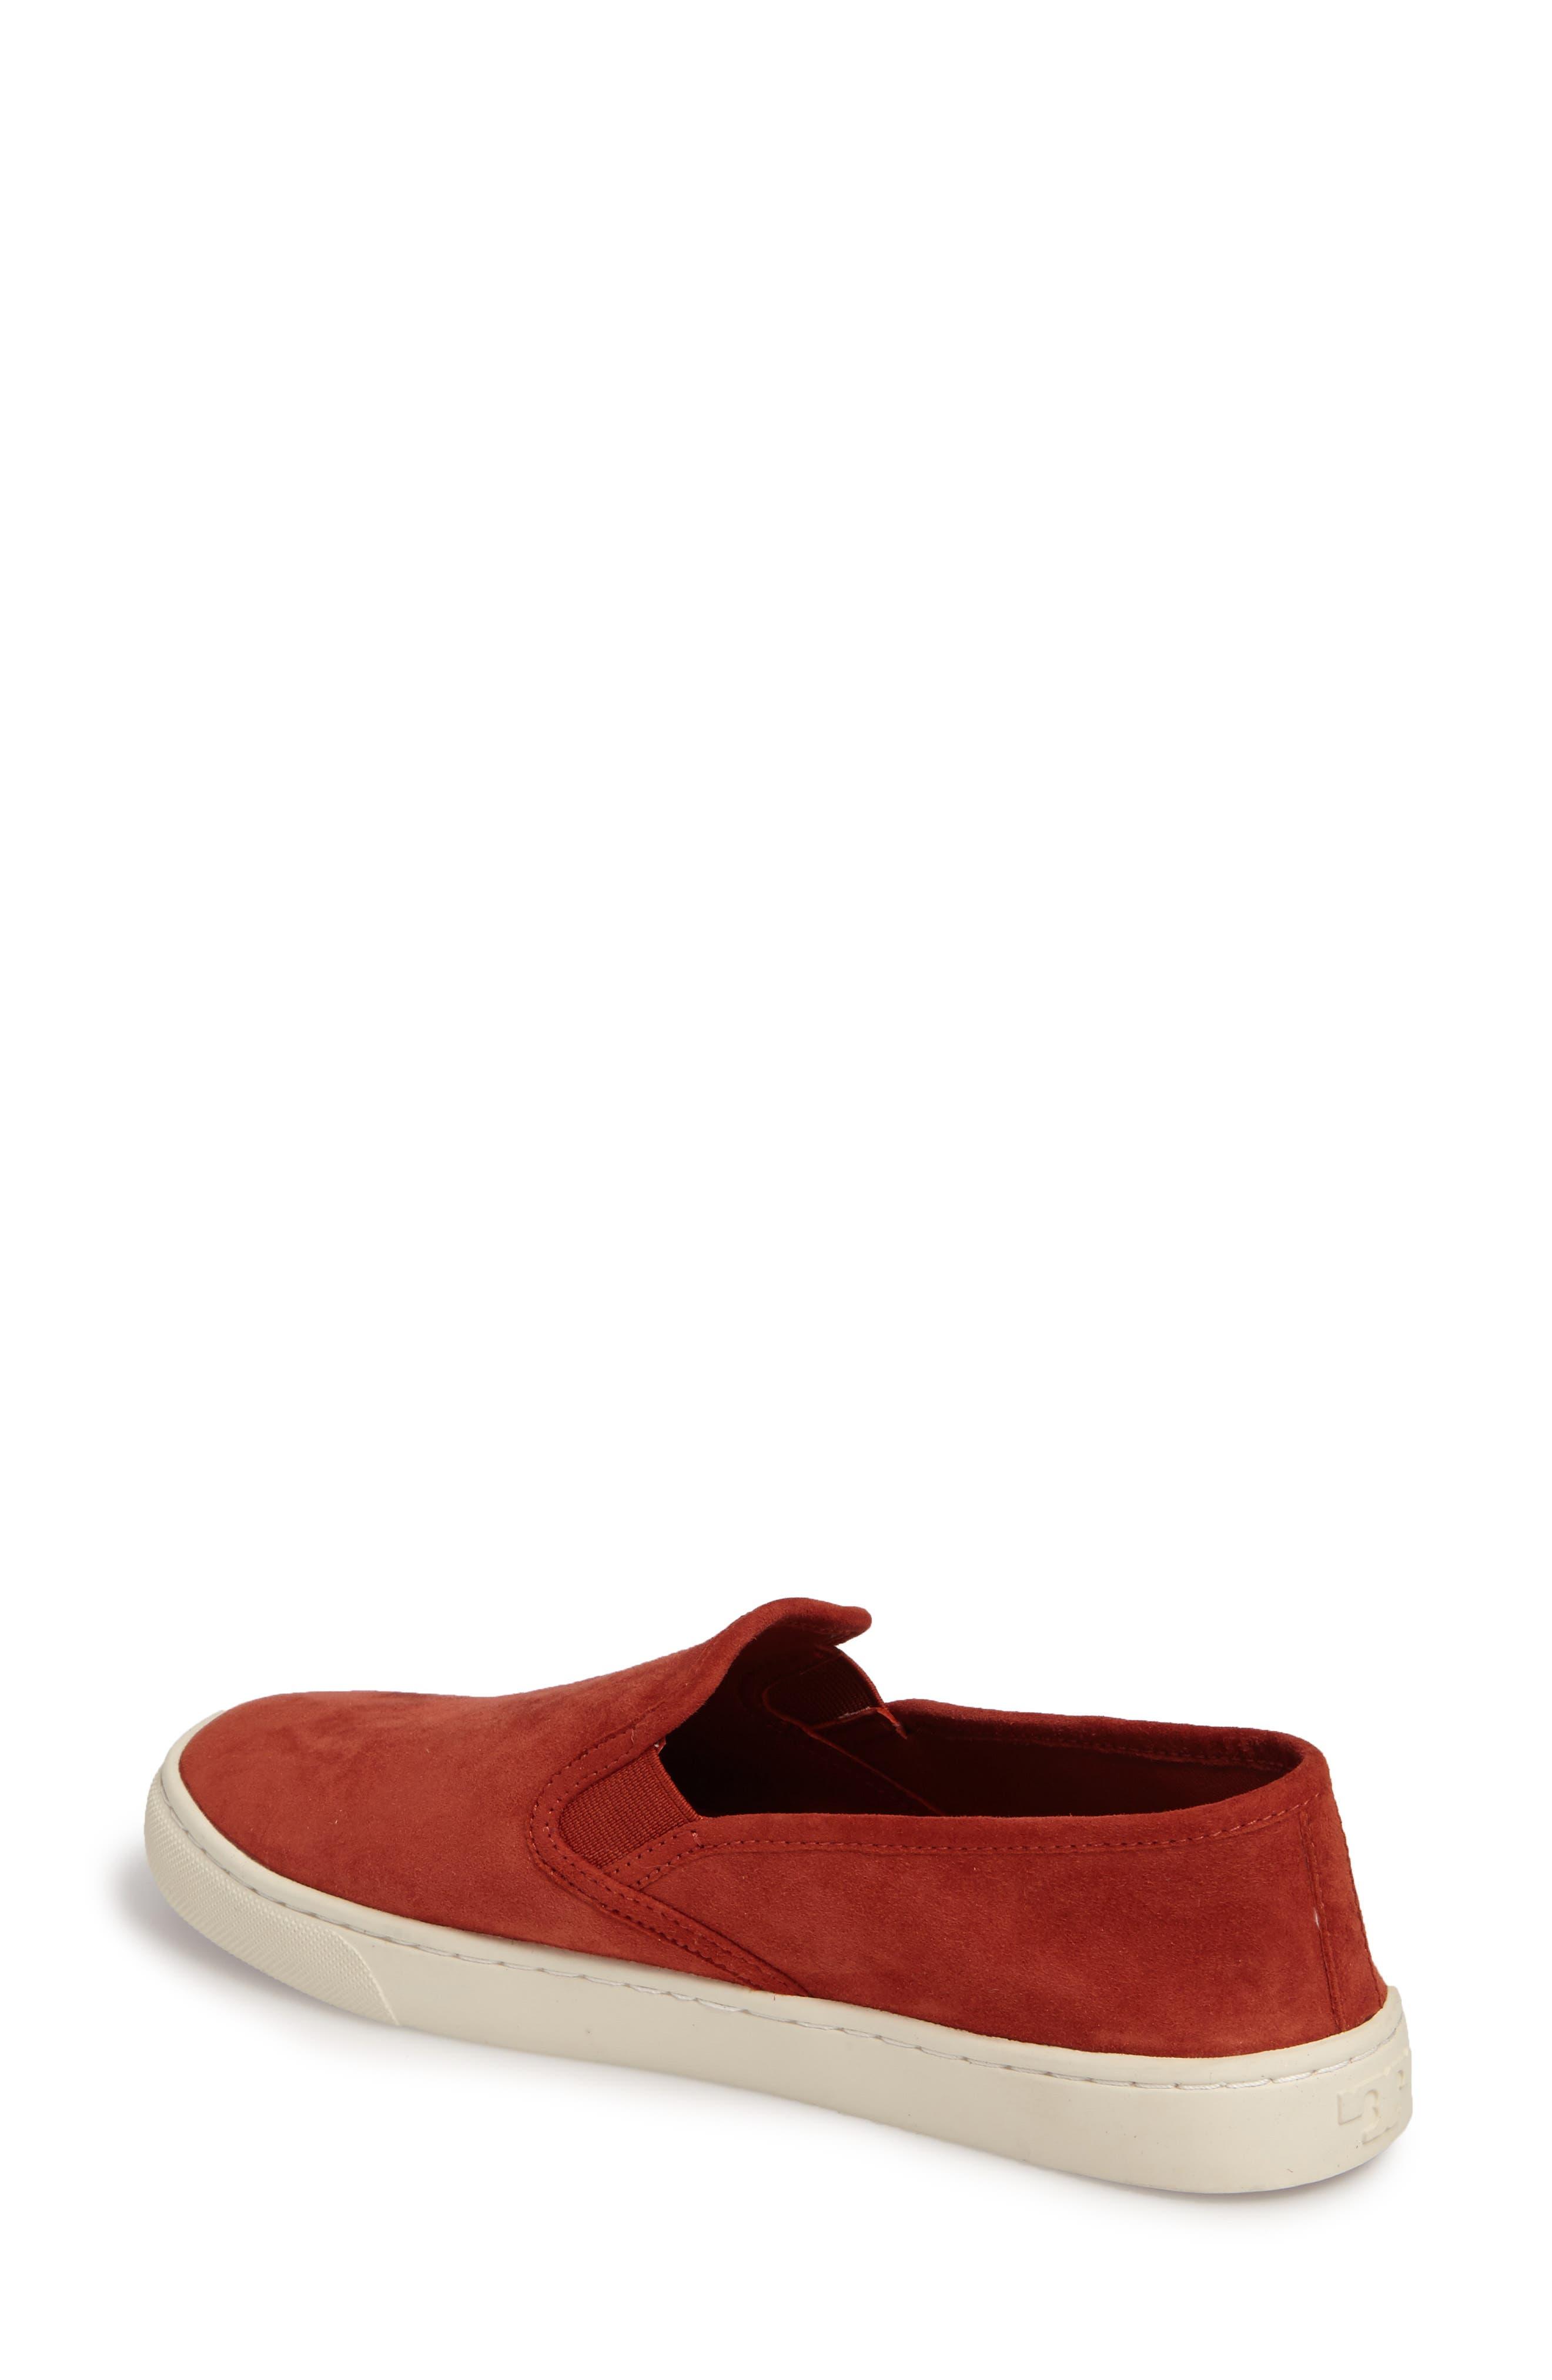 Max Slip-On Sneaker,                             Alternate thumbnail 11, color,